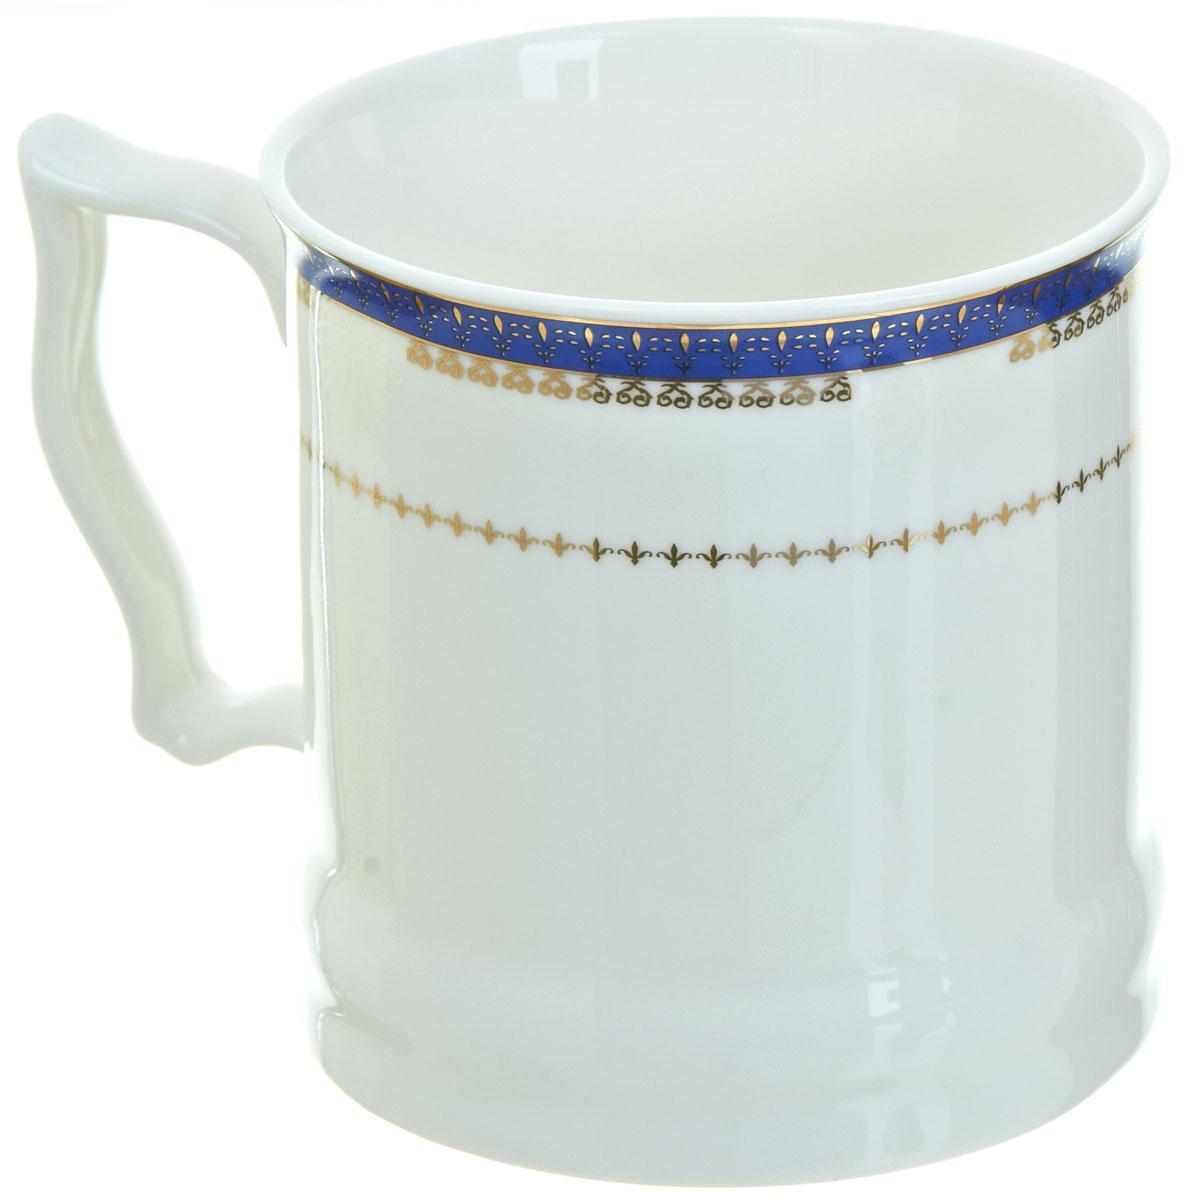 Кружка BHP Королевская кружка, 500 мл. M187000254 009312Оригинальная кружка Best Home Porcelain, выполненная из высококачественного фарфора, сочетает в себе простой, утонченный дизайн с максимальной функциональностью. Можно использовать в посудомоечной машине.